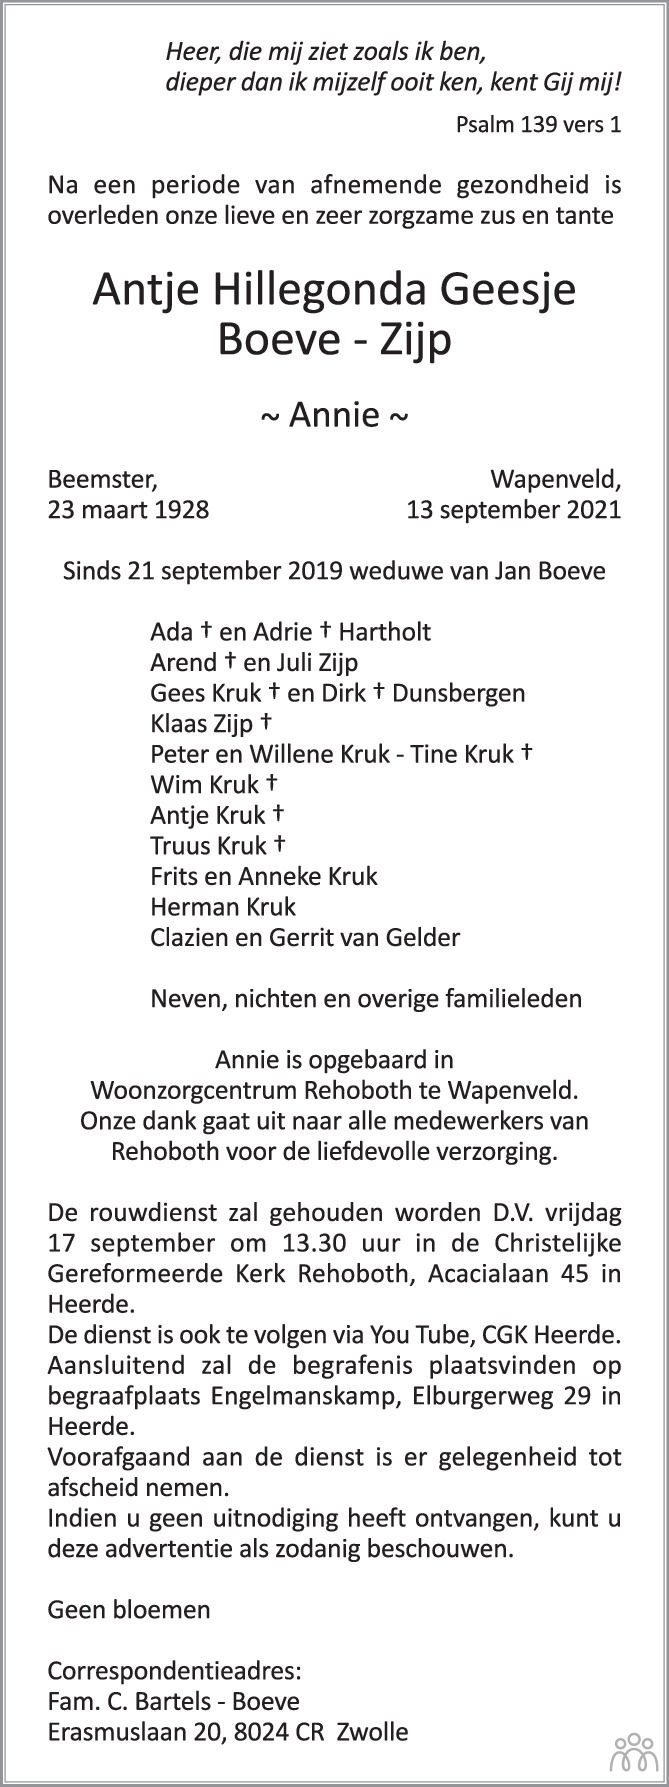 Overlijdensbericht van Antje Hillegonda Geesje (Annie) Boeve-Zijp in de Stentor